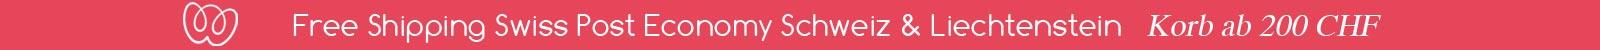 Versandkostefrei ab 200 CHF für die Schweiz und Liechtenstein